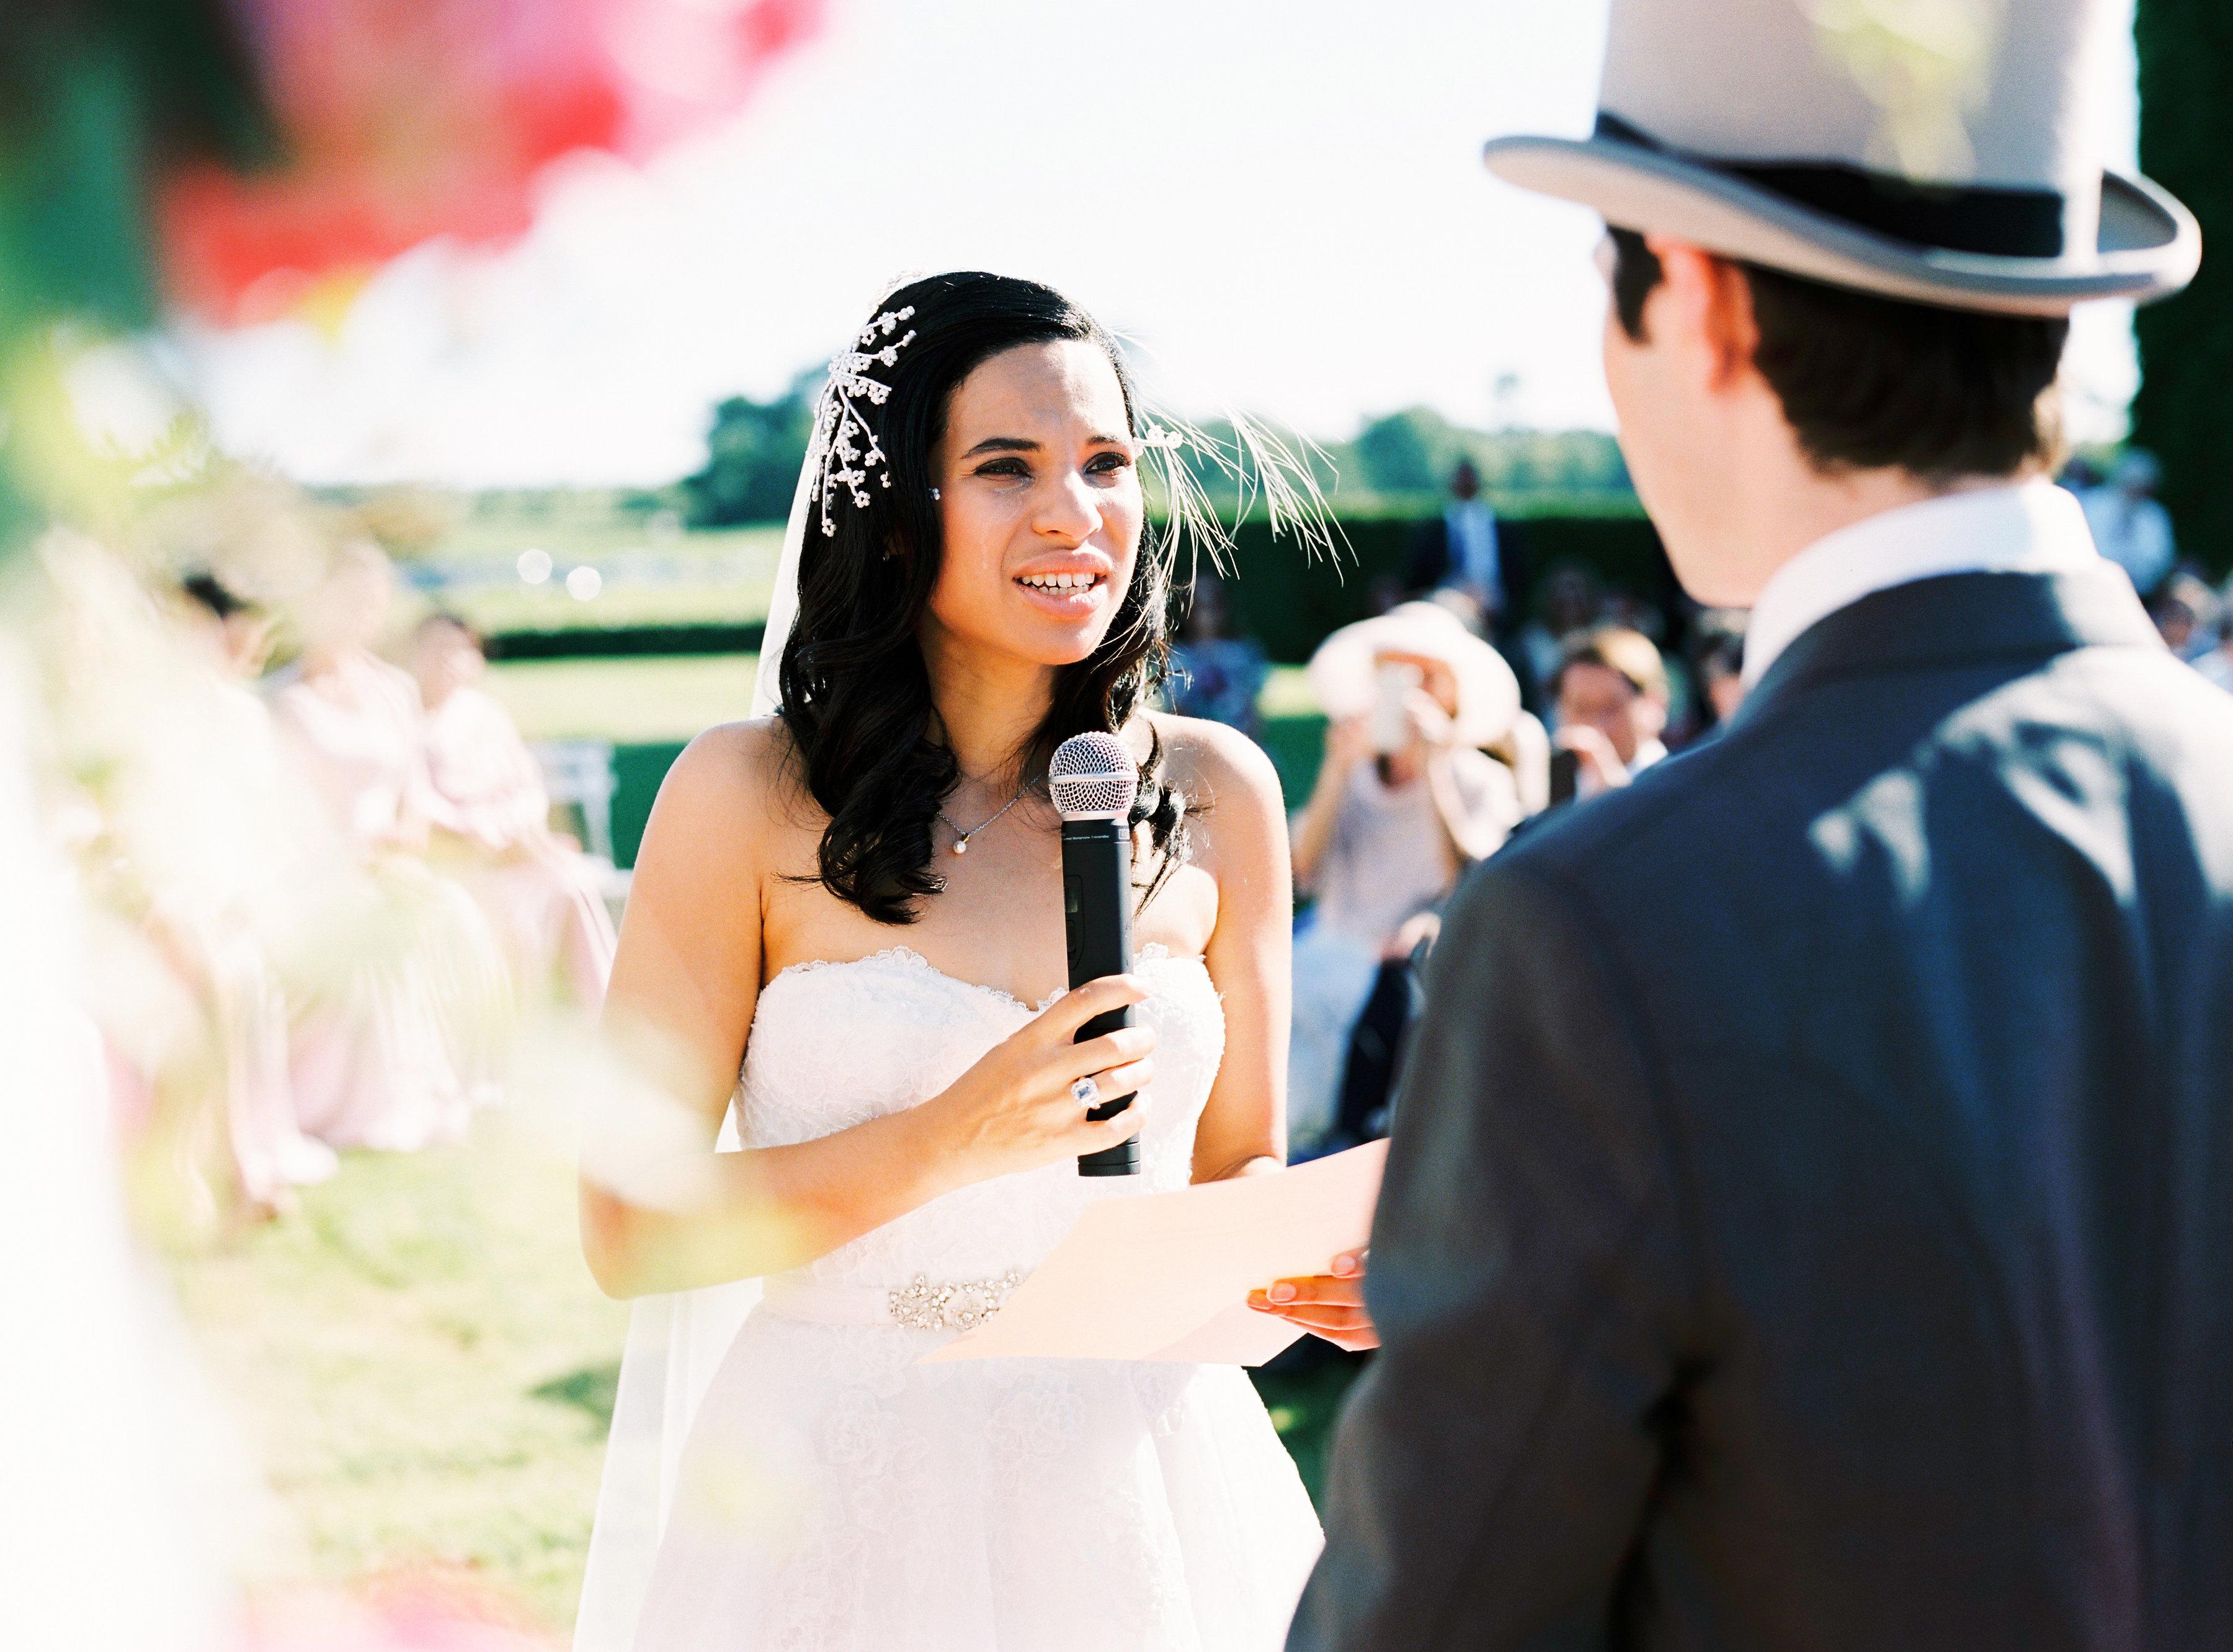 OssaPhoto-cérémonie-bilingue-bilingual-ceremony-vows-echange-de-voeux